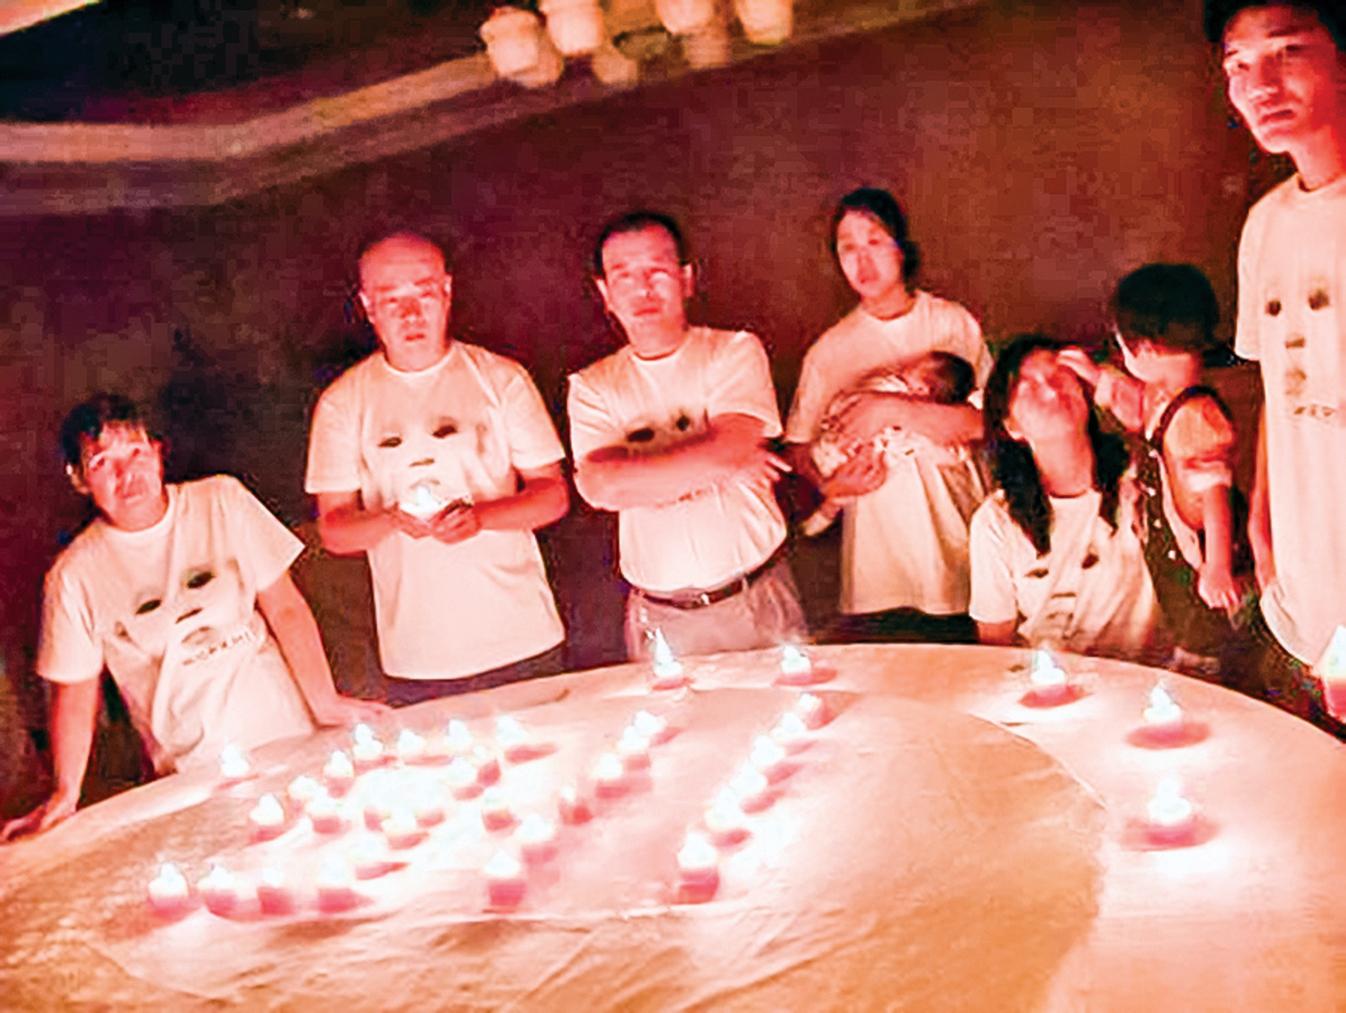 2009年9月11日,結石寶寶家長在北京點燃「911」進行周年紀念。(網絡圖片)